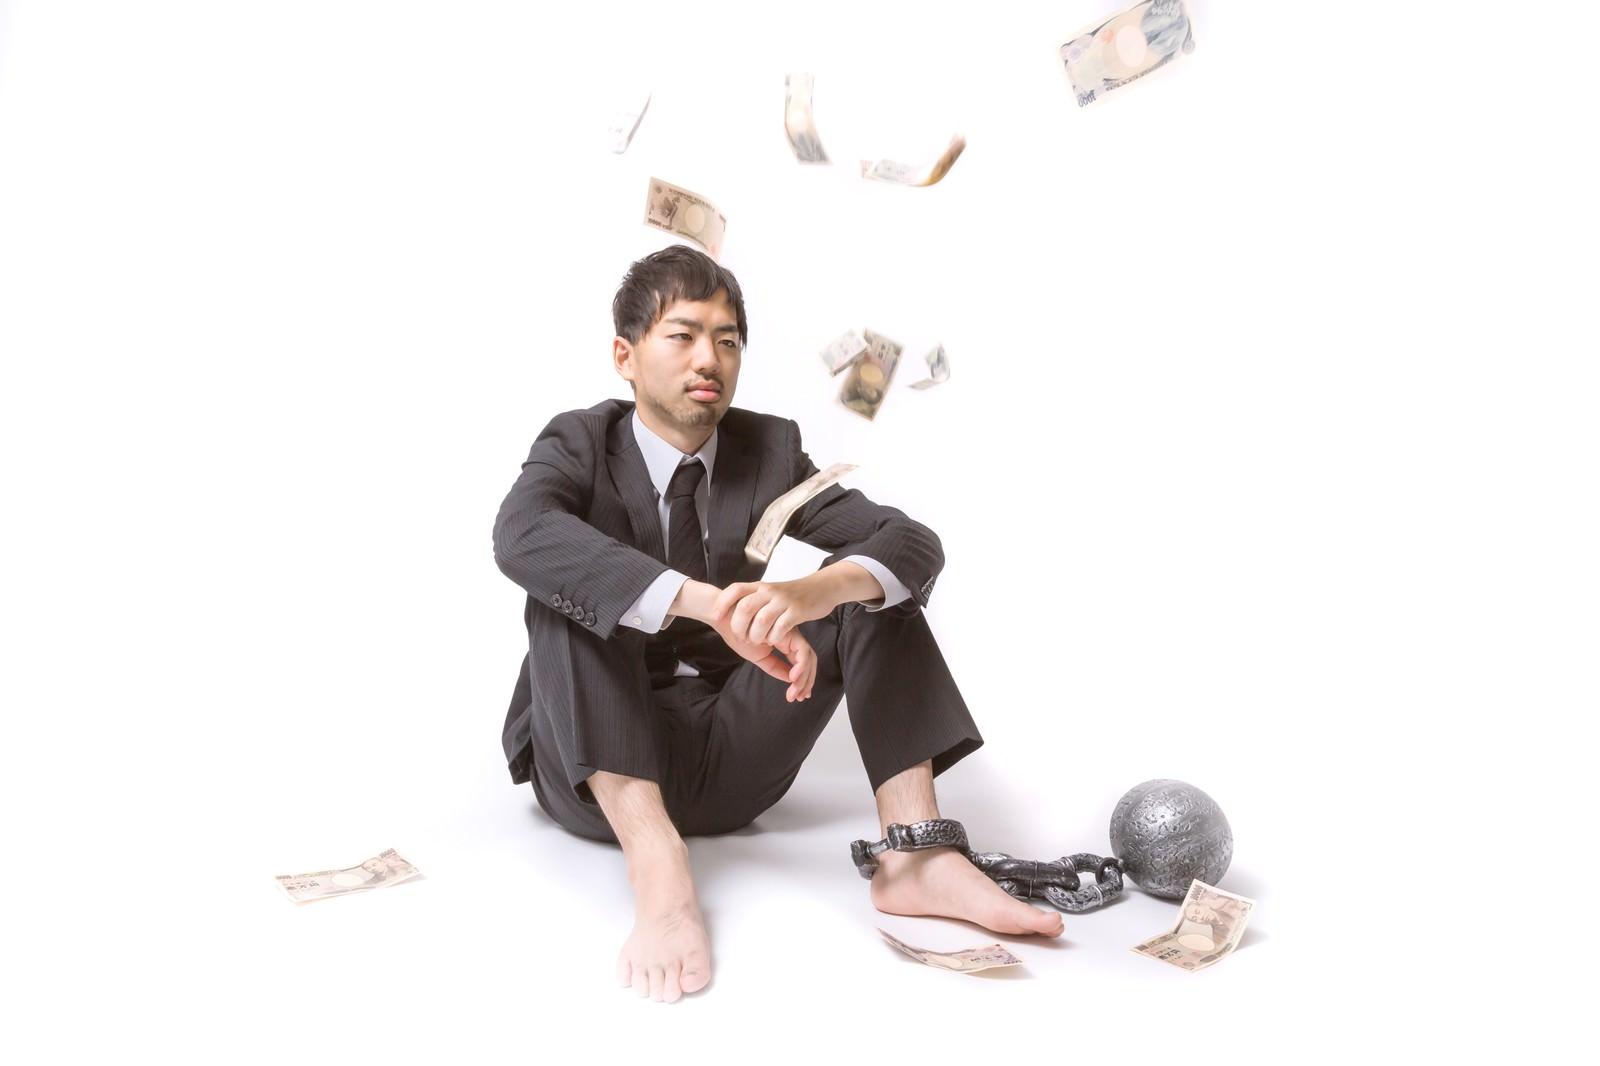 「上からお金が降ってくる、社畜の会社員」の写真[モデル:ひろゆき]